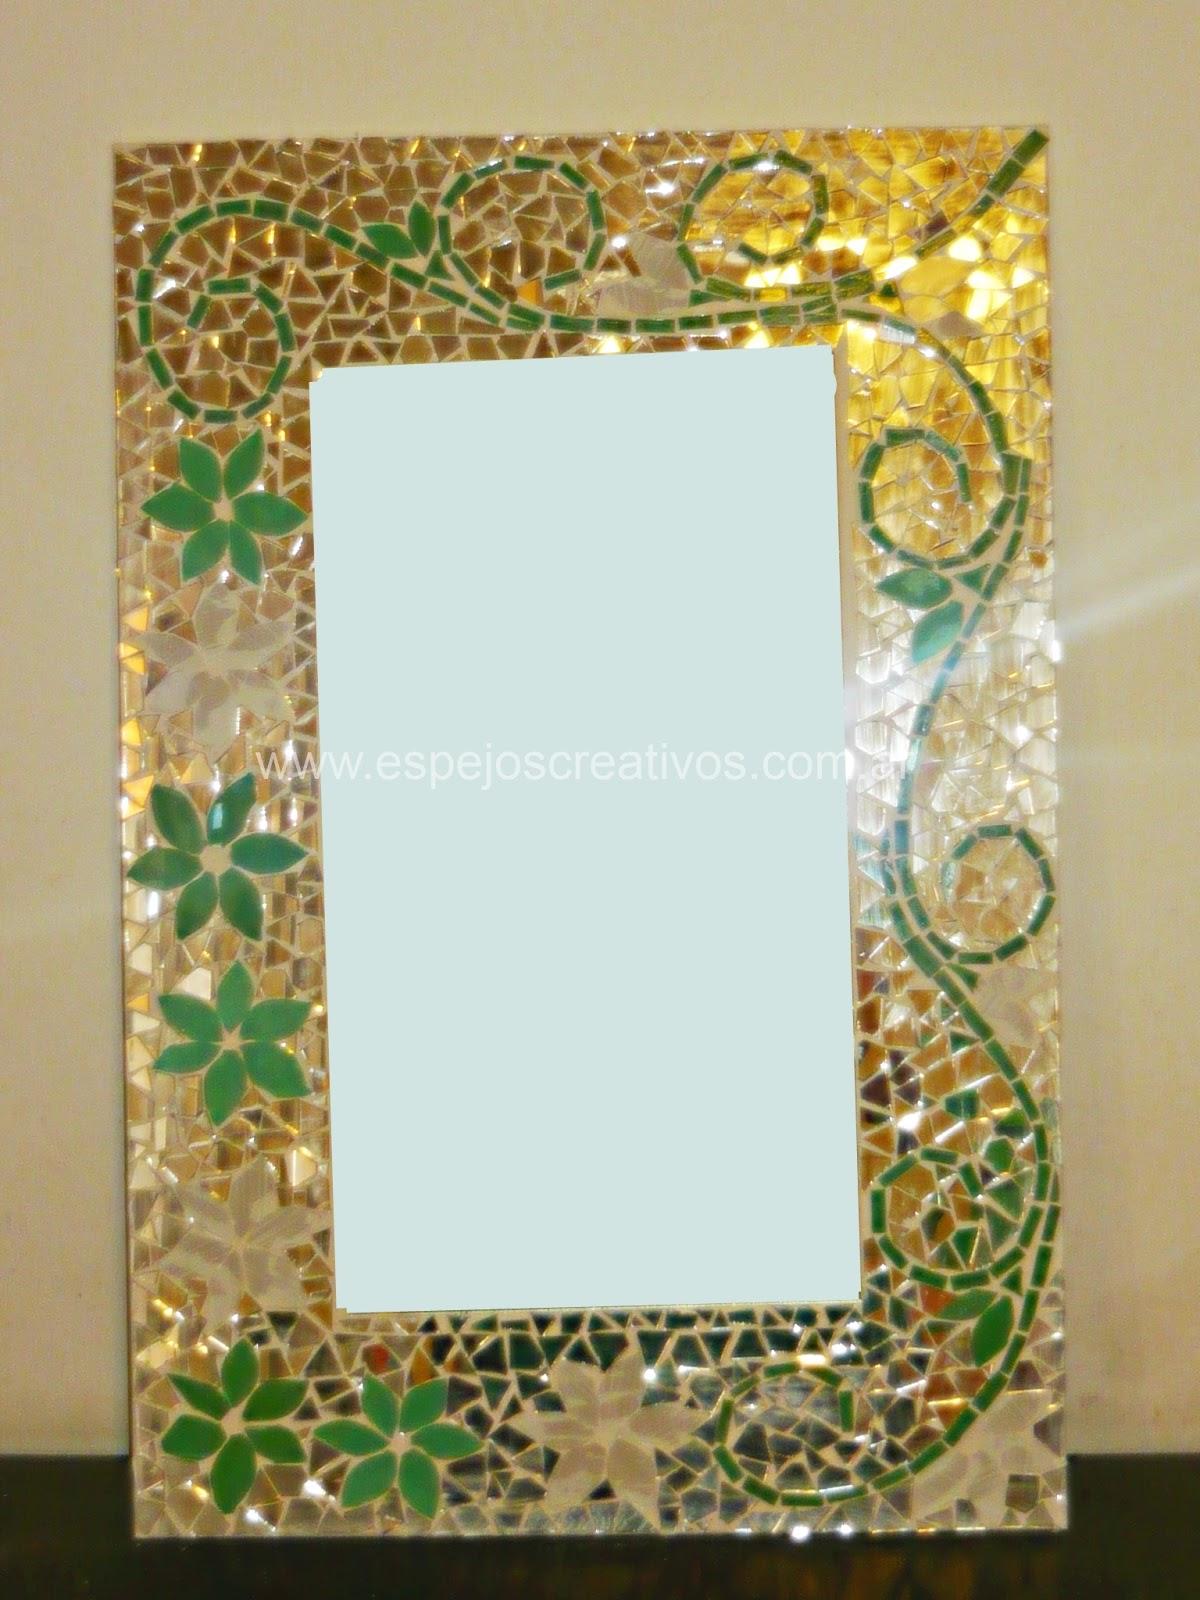 Espejarte espejos mosaiquismo verde for Dibujos para mosaiquismo